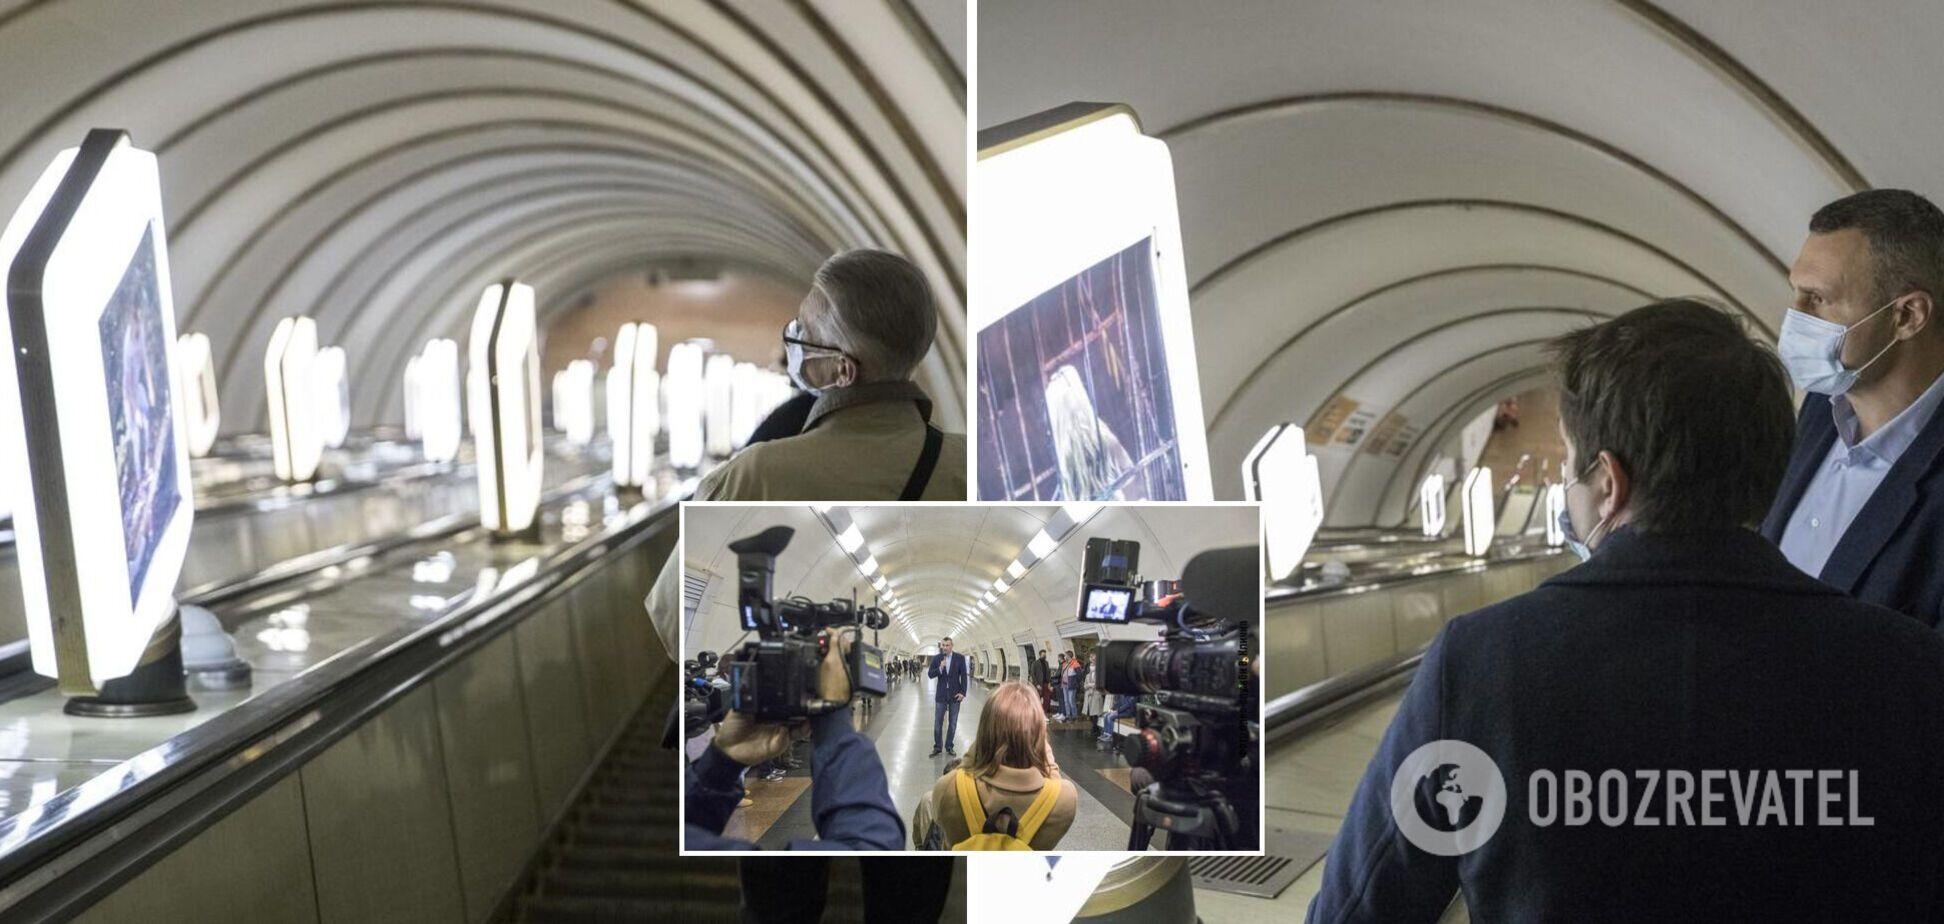 На станції метро 'Дорогожичі' відкрилася виставка, присвячена трагедії 'Бабиного Яру'